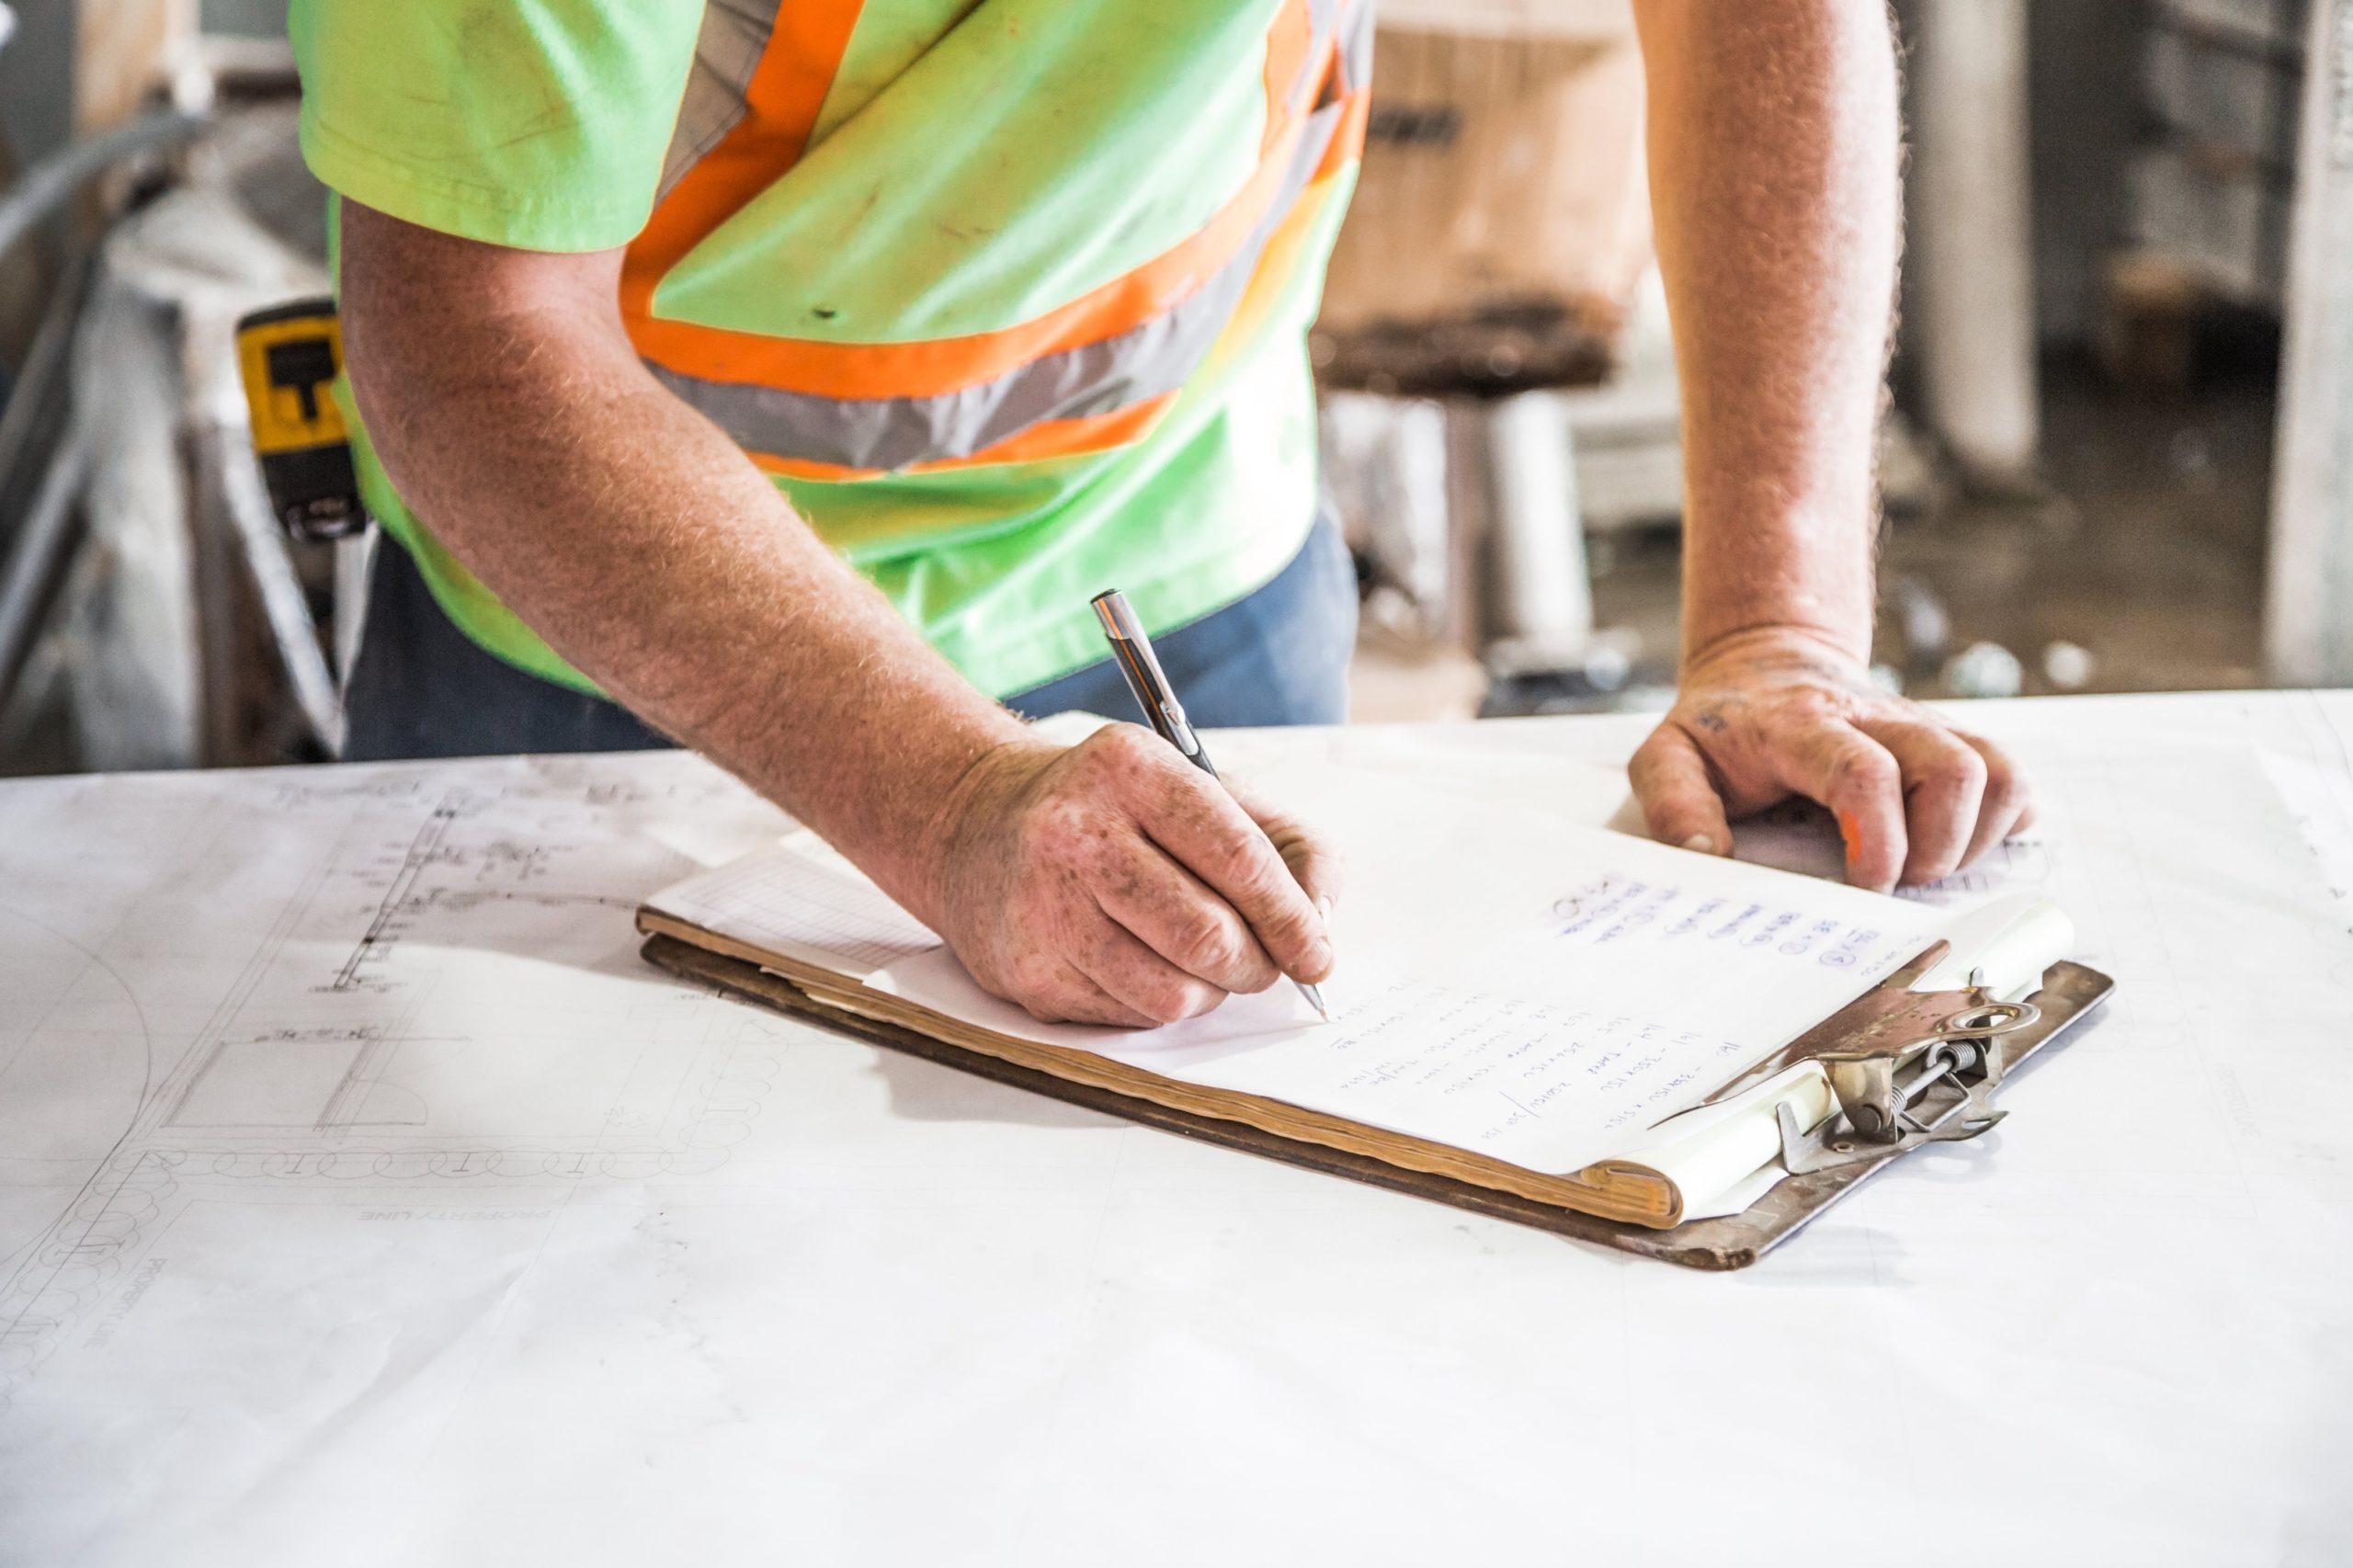 Okresowe przeglądy budowlane, badanie okresowe budynków, wentylacji, odbiory techniczne